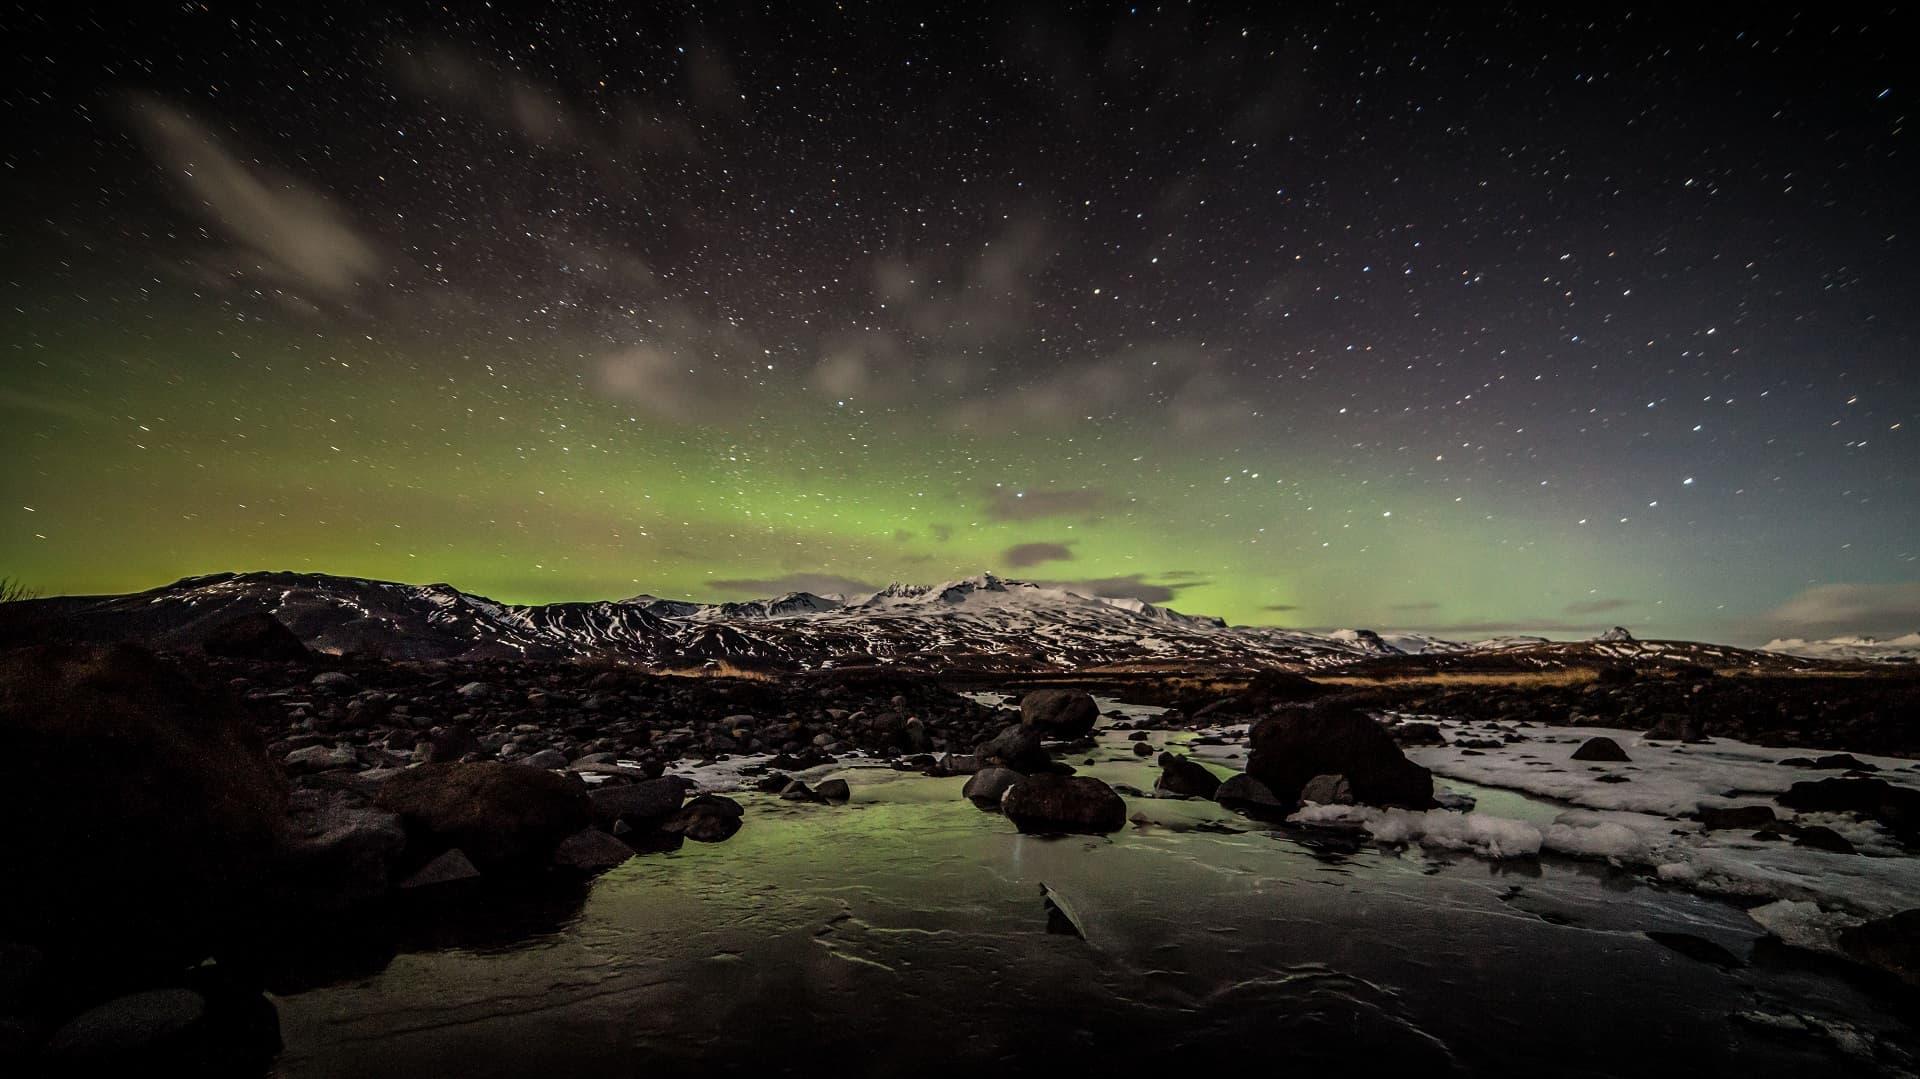 Northern Lights dancing over Þórsmörk Valley.